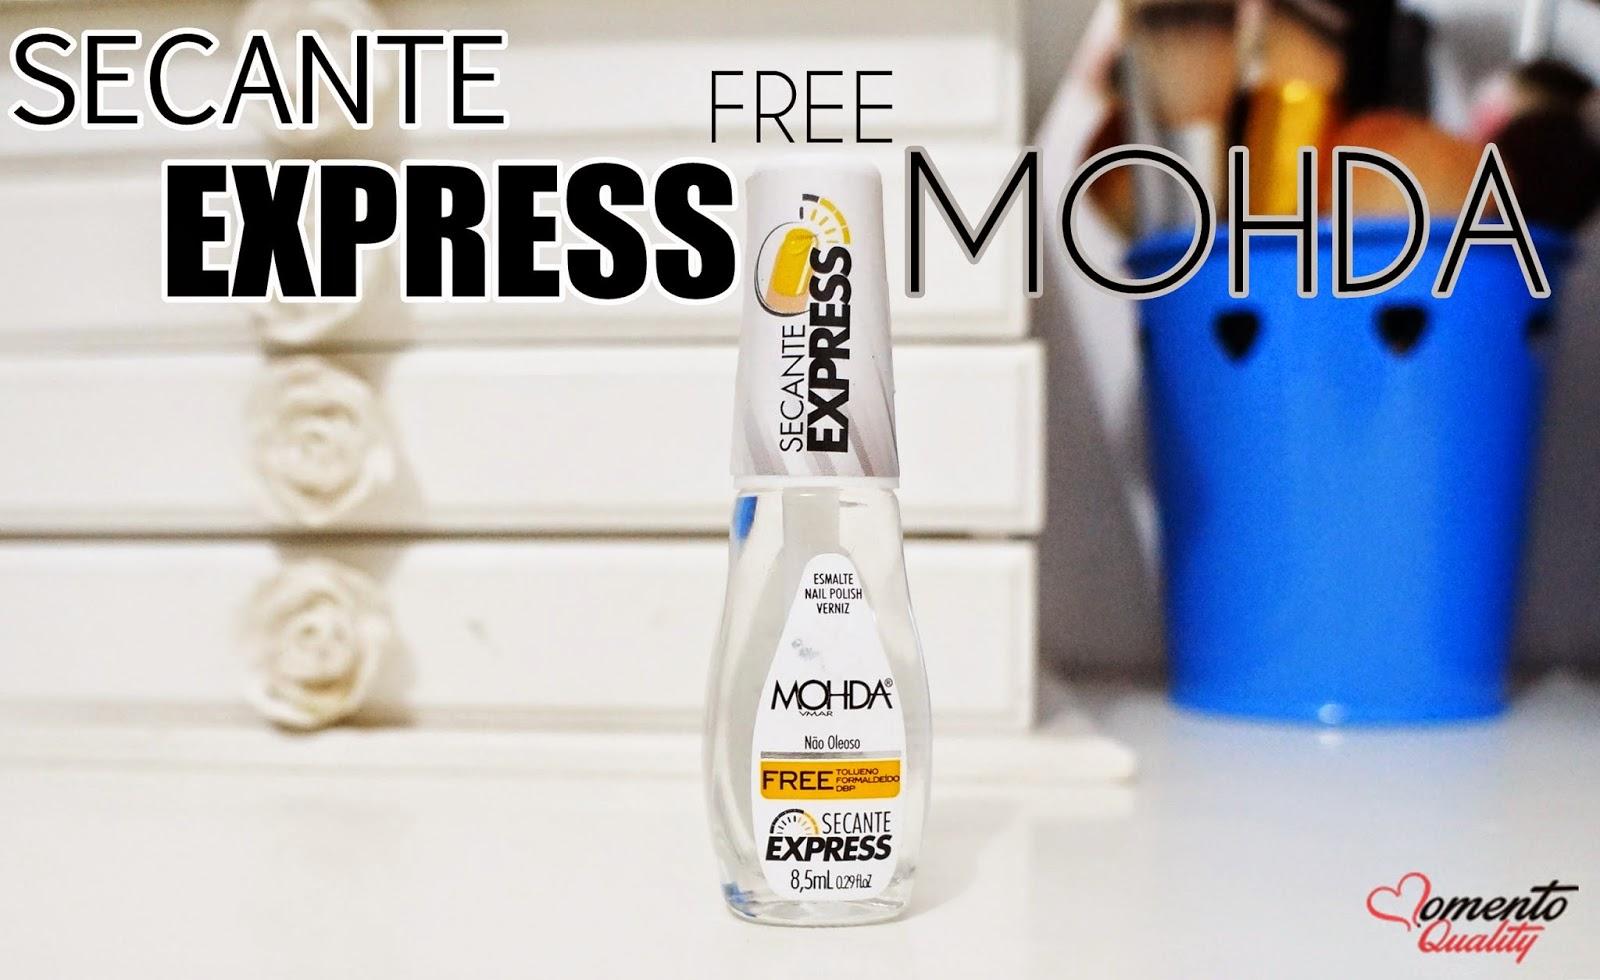 Secante Express Mohda